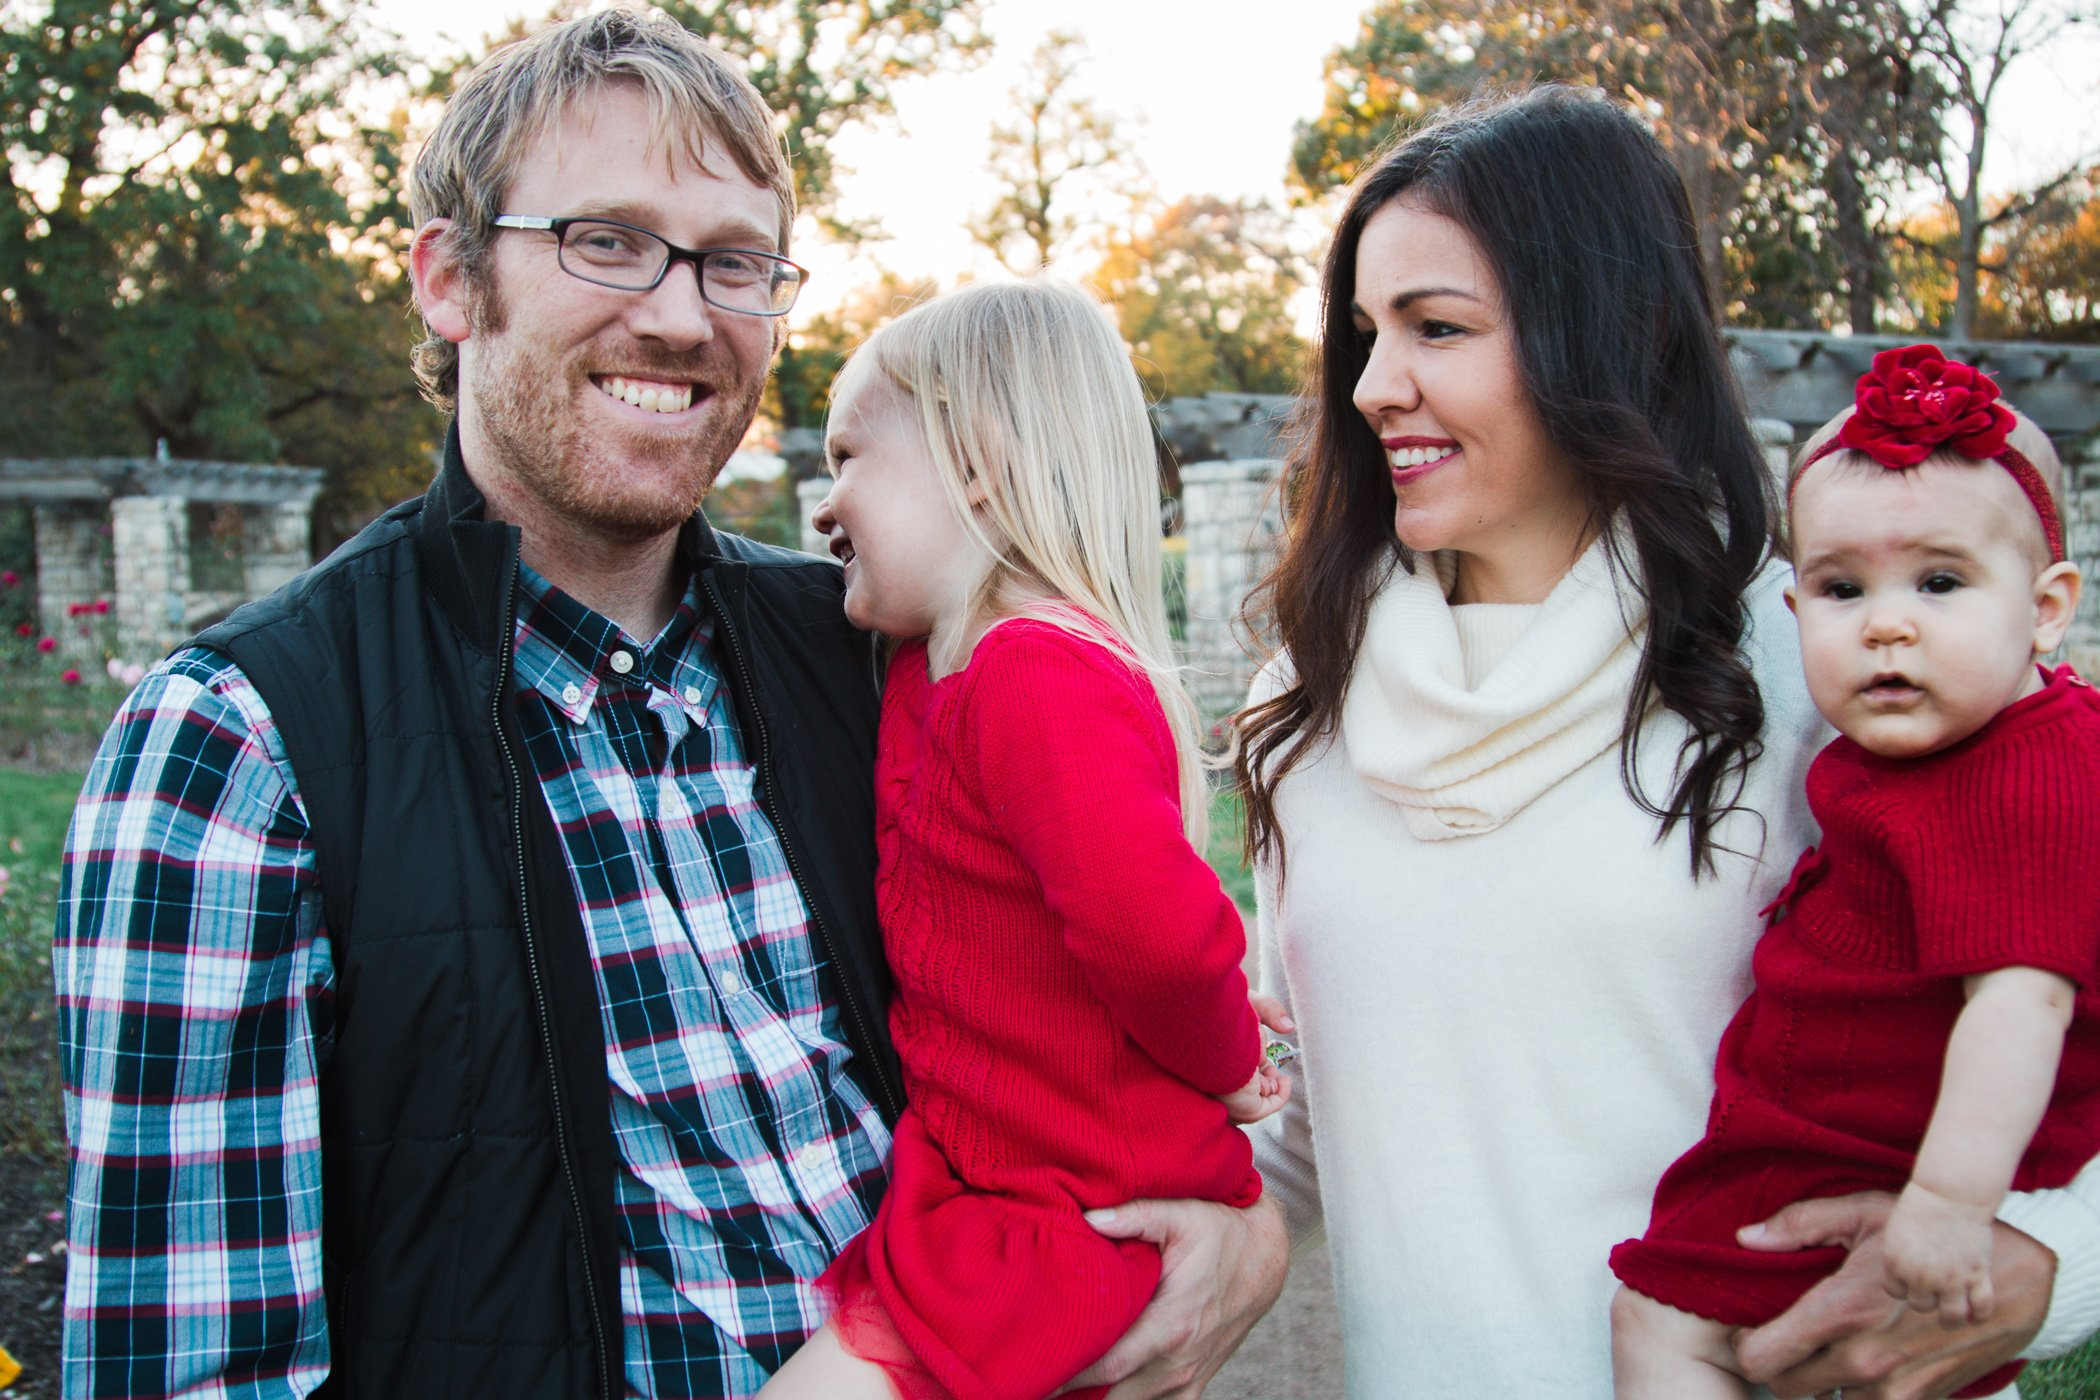 Christmas Card | family photo | family holiday pictures | family picture outfit  | family holiday style